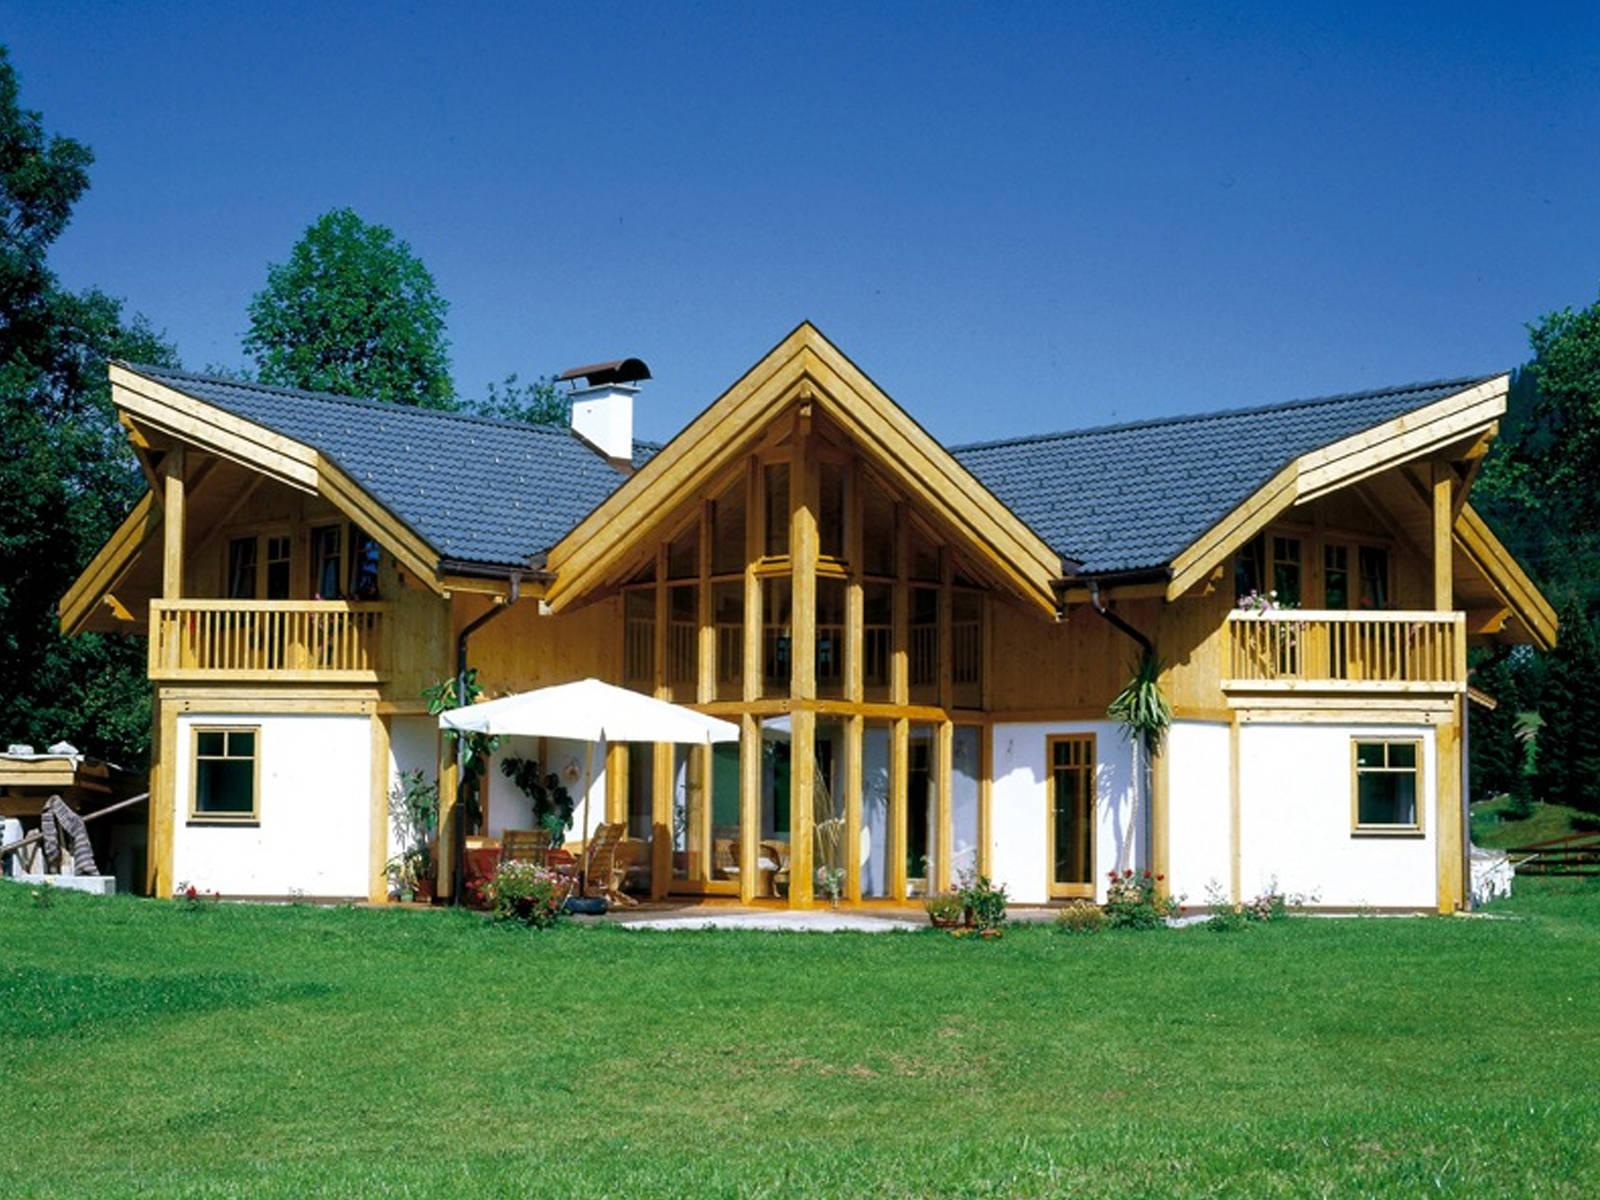 Haus idee m04 modern v ma bio bau for Haus rustikal modern